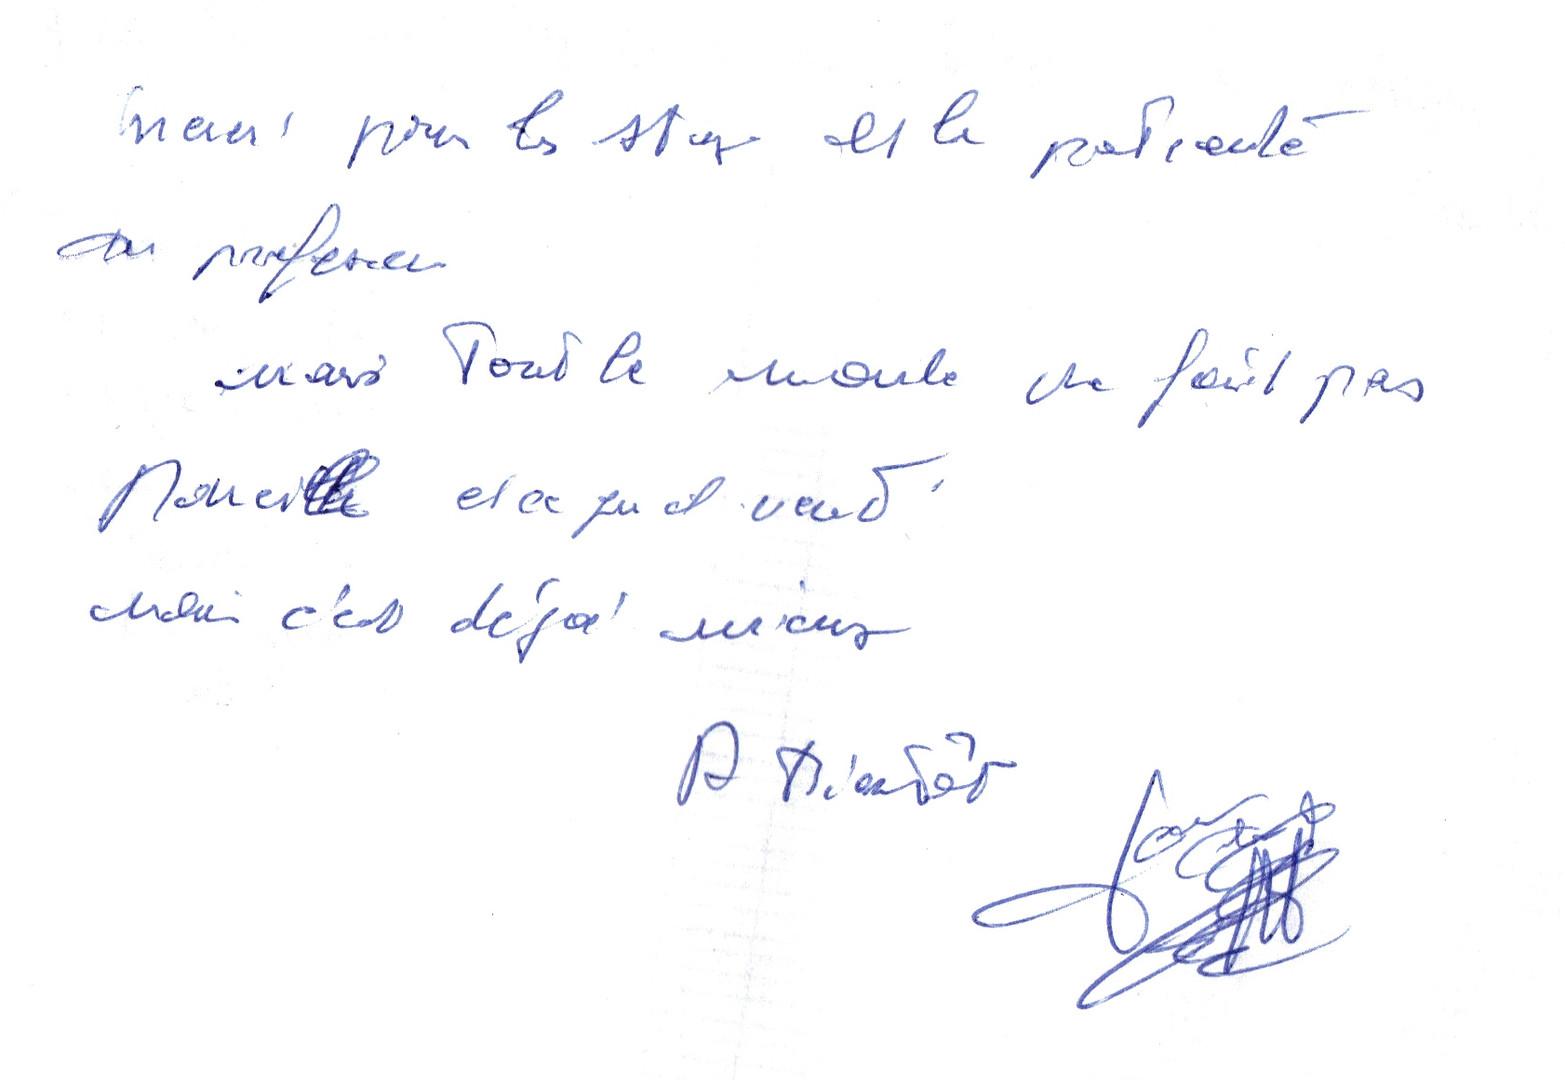 26-08-2010 13;44;25.jpg